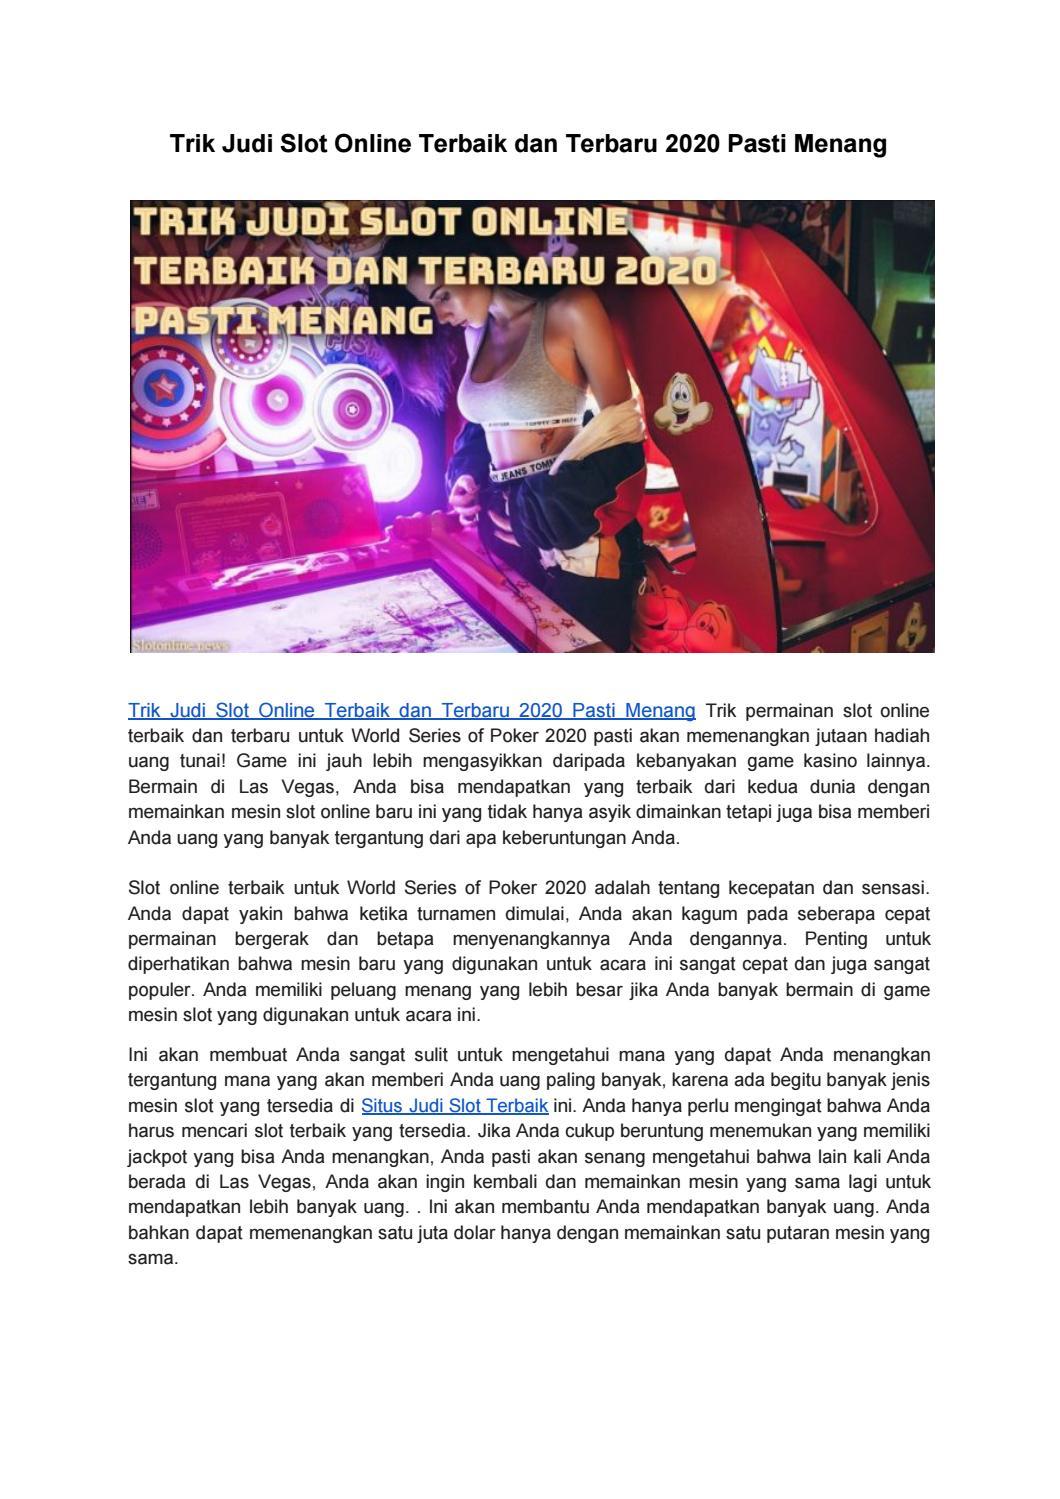 Trik Judi Slot Online Terbaik Dan Terbaru 2020 Pasti Menang By Slot Online Issuu